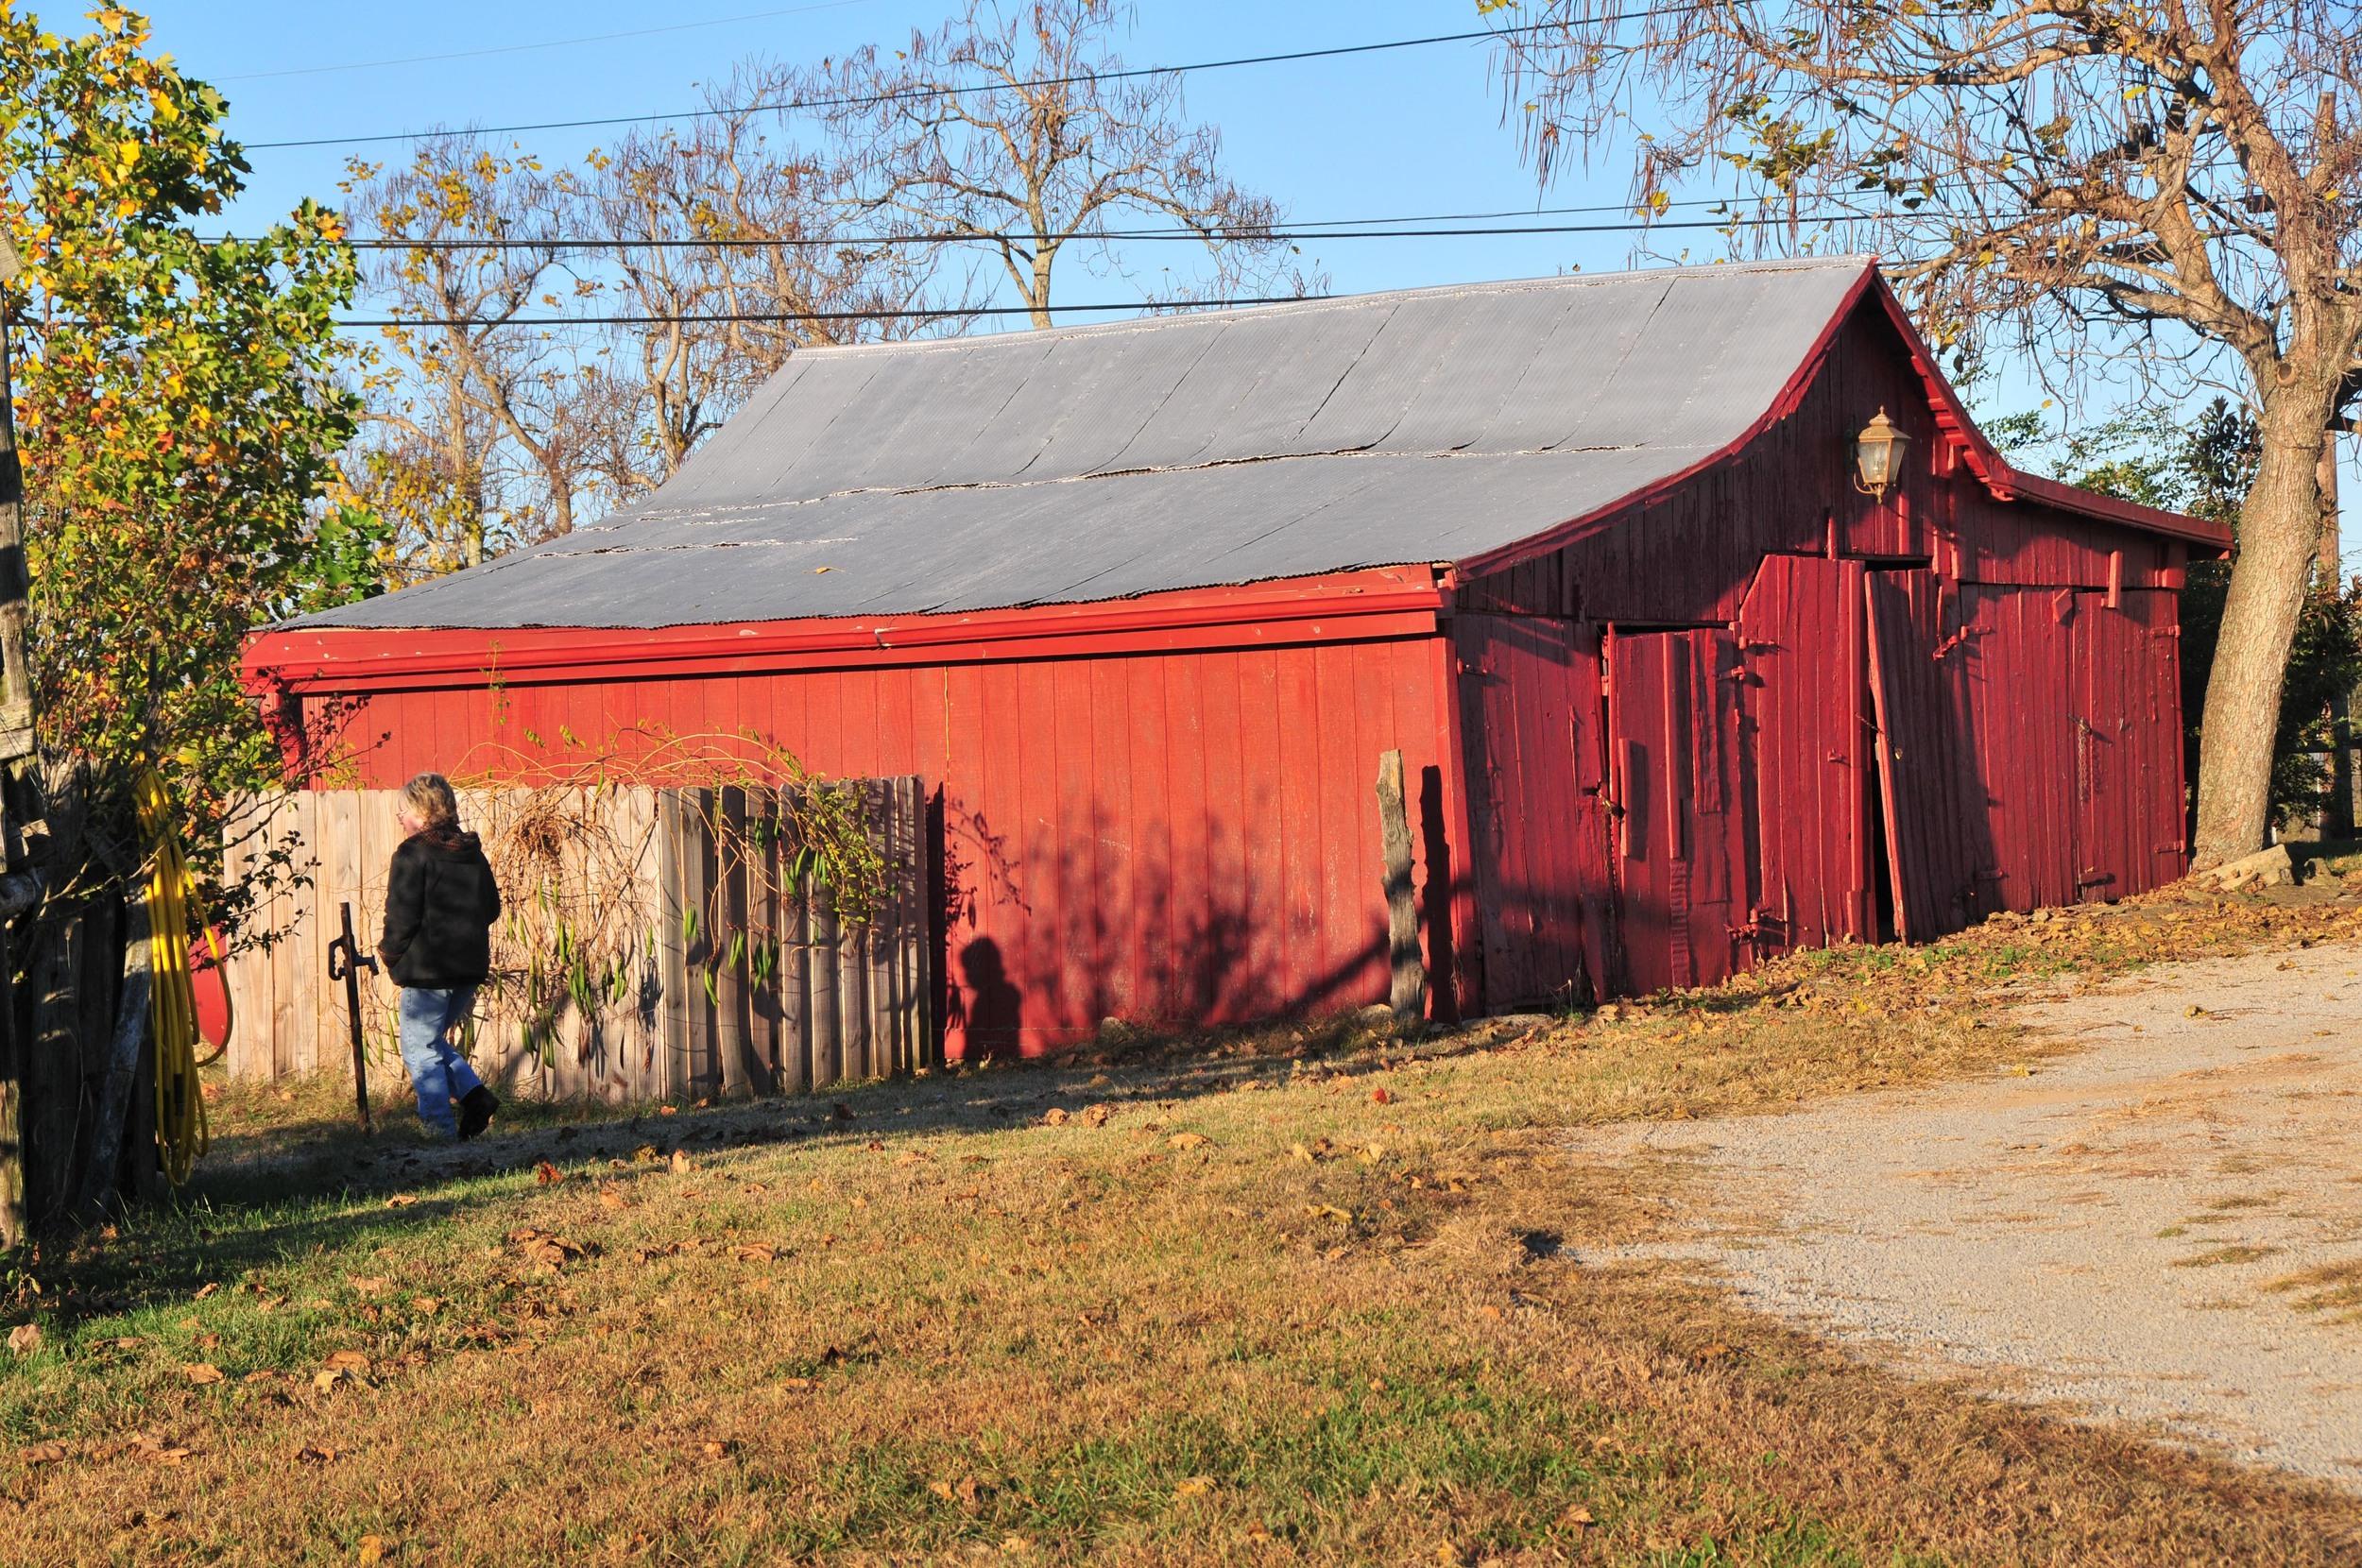 farm-house_15165640127_o.jpg